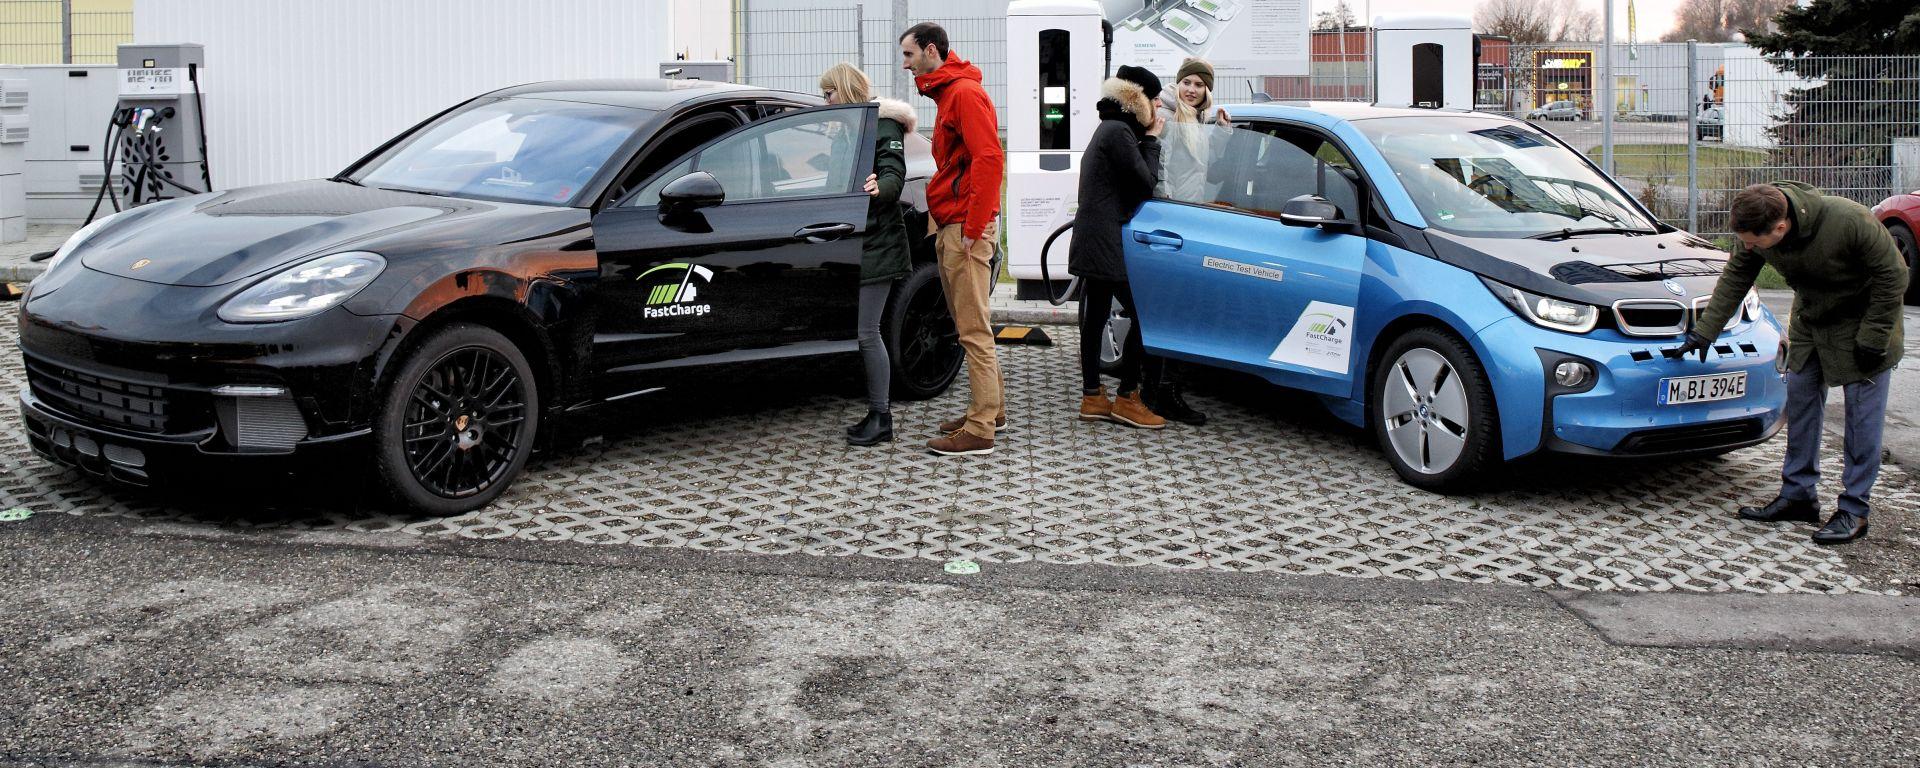 BMW-Porsche, ecco la stazione di ricarica ultra rapida per auto elettriche